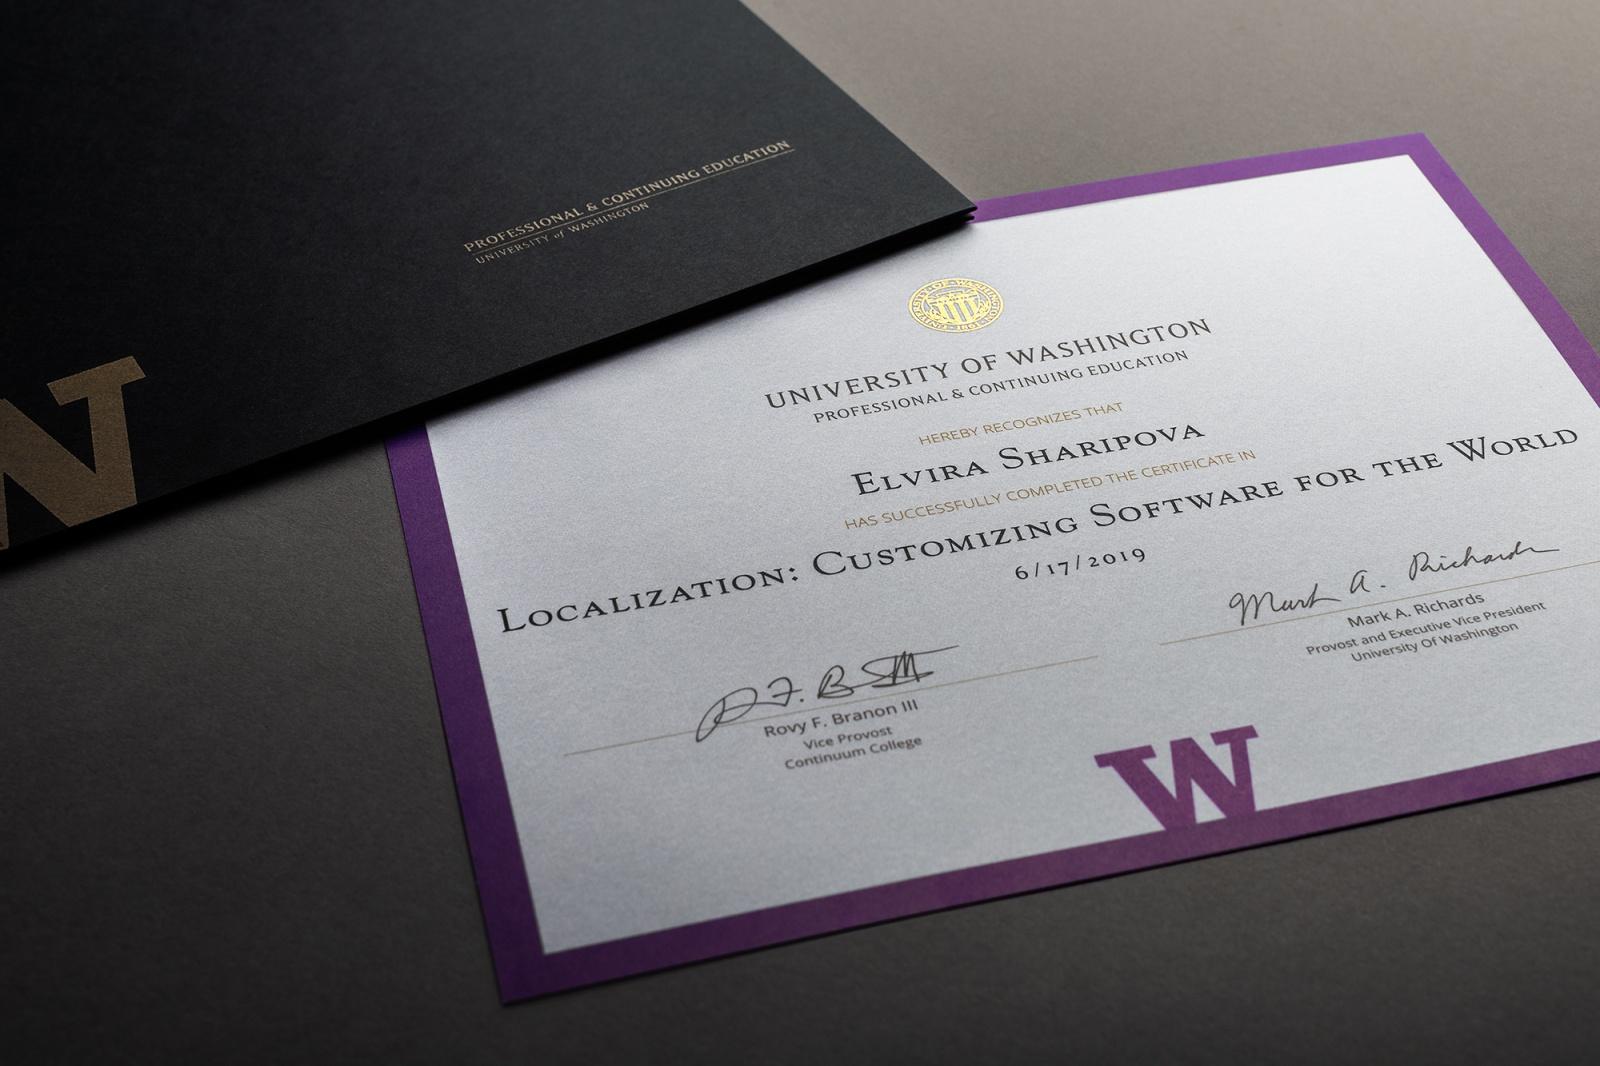 Обучение локализации в Вашингтонском университете - 4